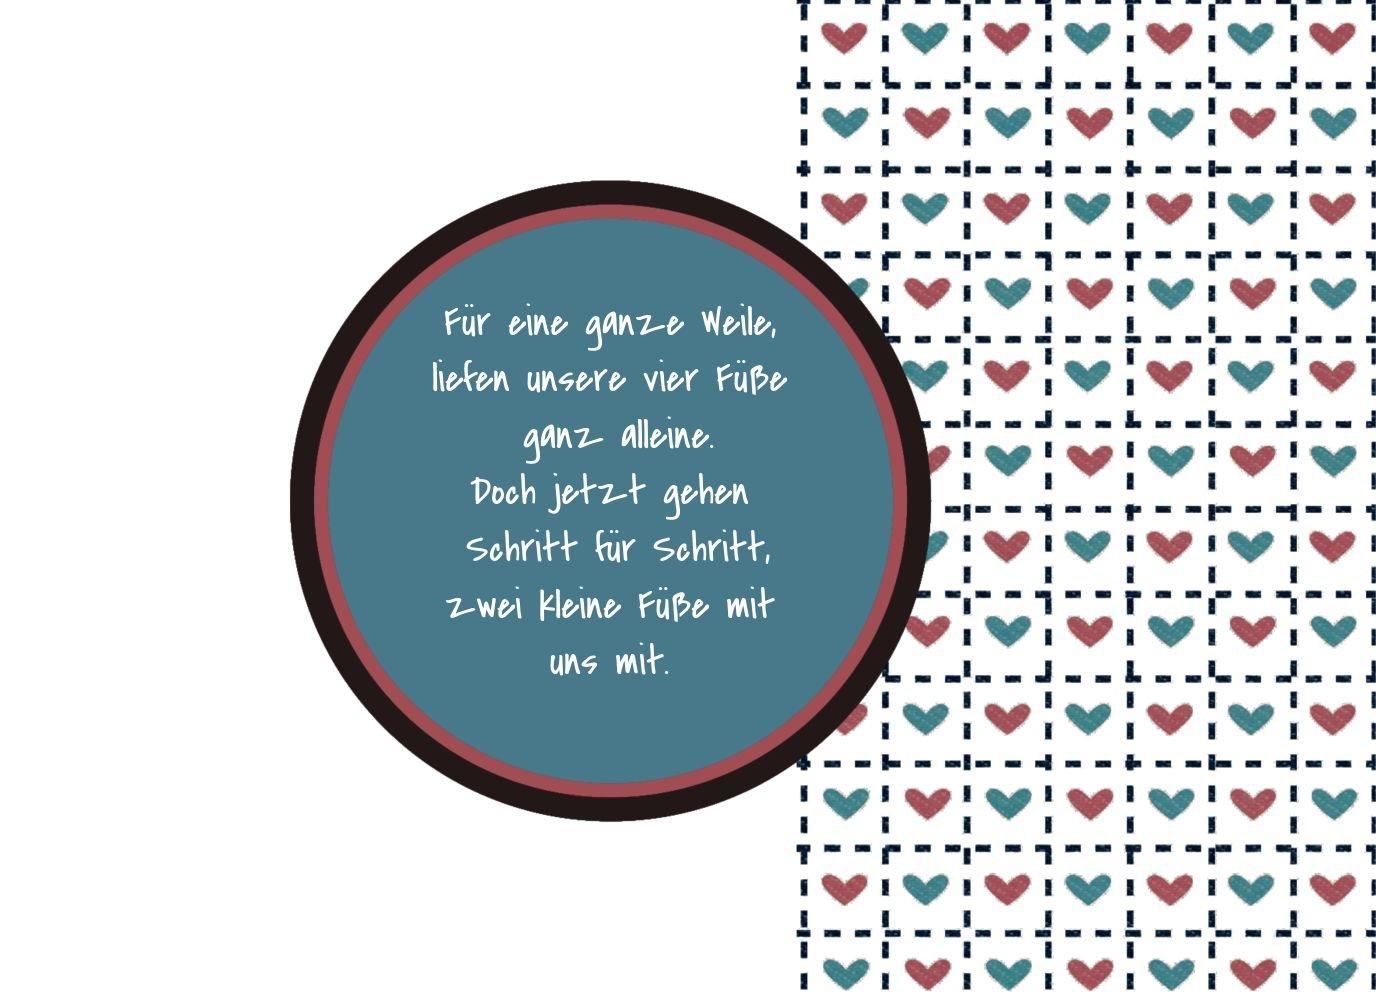 Kartenparadies Danksagung für Geburt Baby Dankeskarte Herzrahmen, hochwertige hochwertige hochwertige Danksagungskarte Baby inklusive Umschläge   100 Karten - (Format  148x105 mm) Farbe  Lila B01MUGKR10 | Kunde zuerst  | Rabatt  | Qualität zuerst  a654be